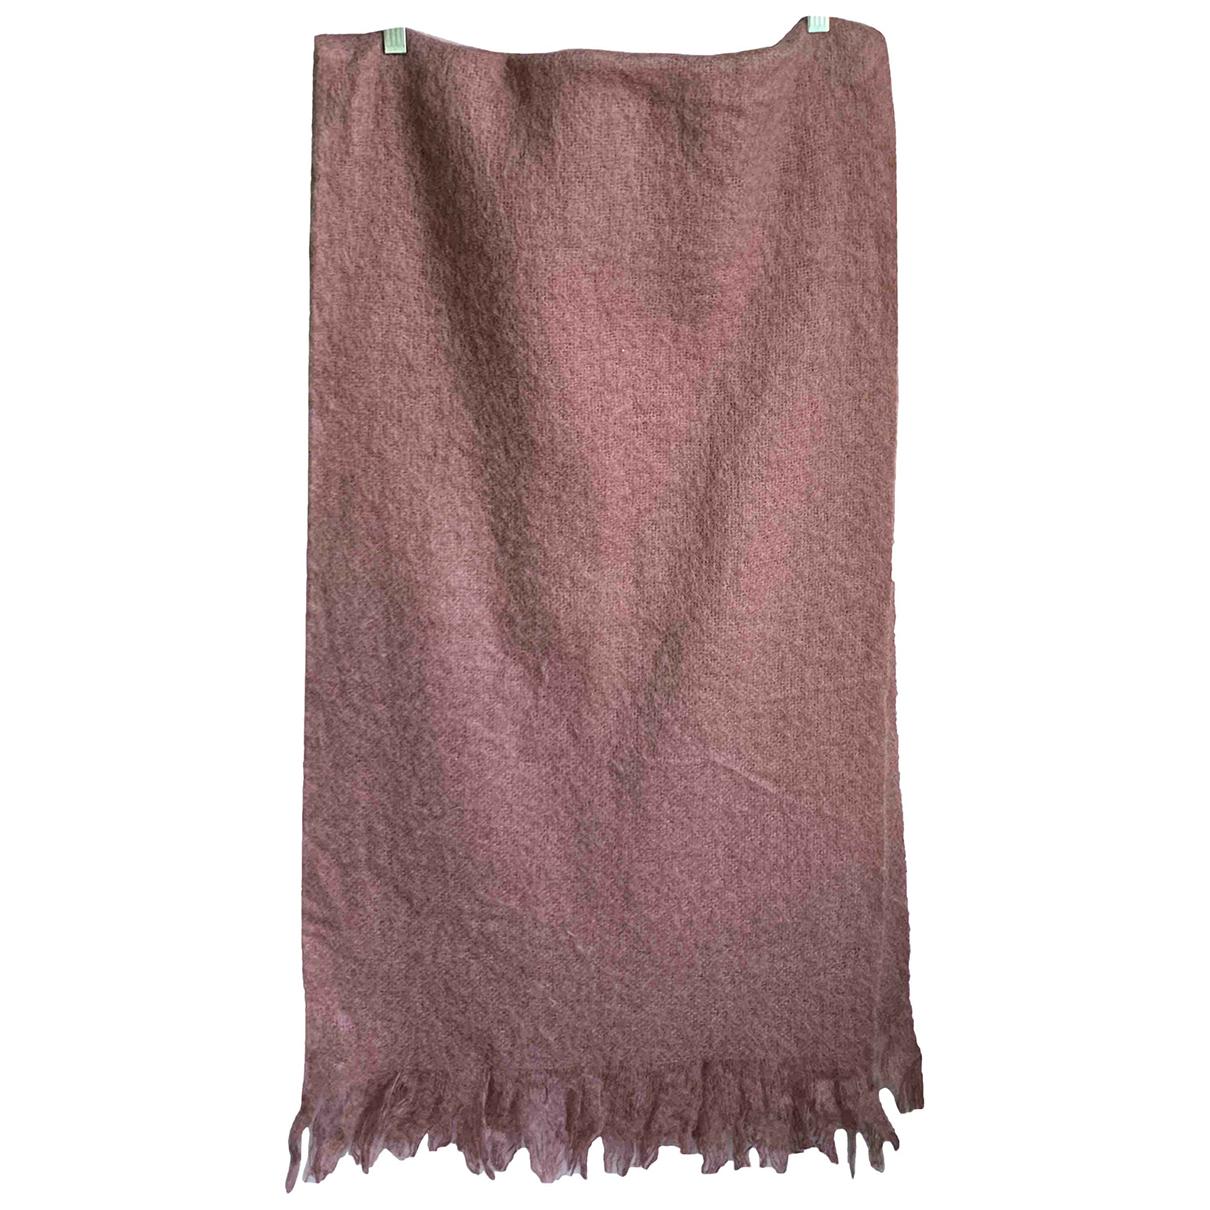 Cos - Foulard   pour femme en laine - rose